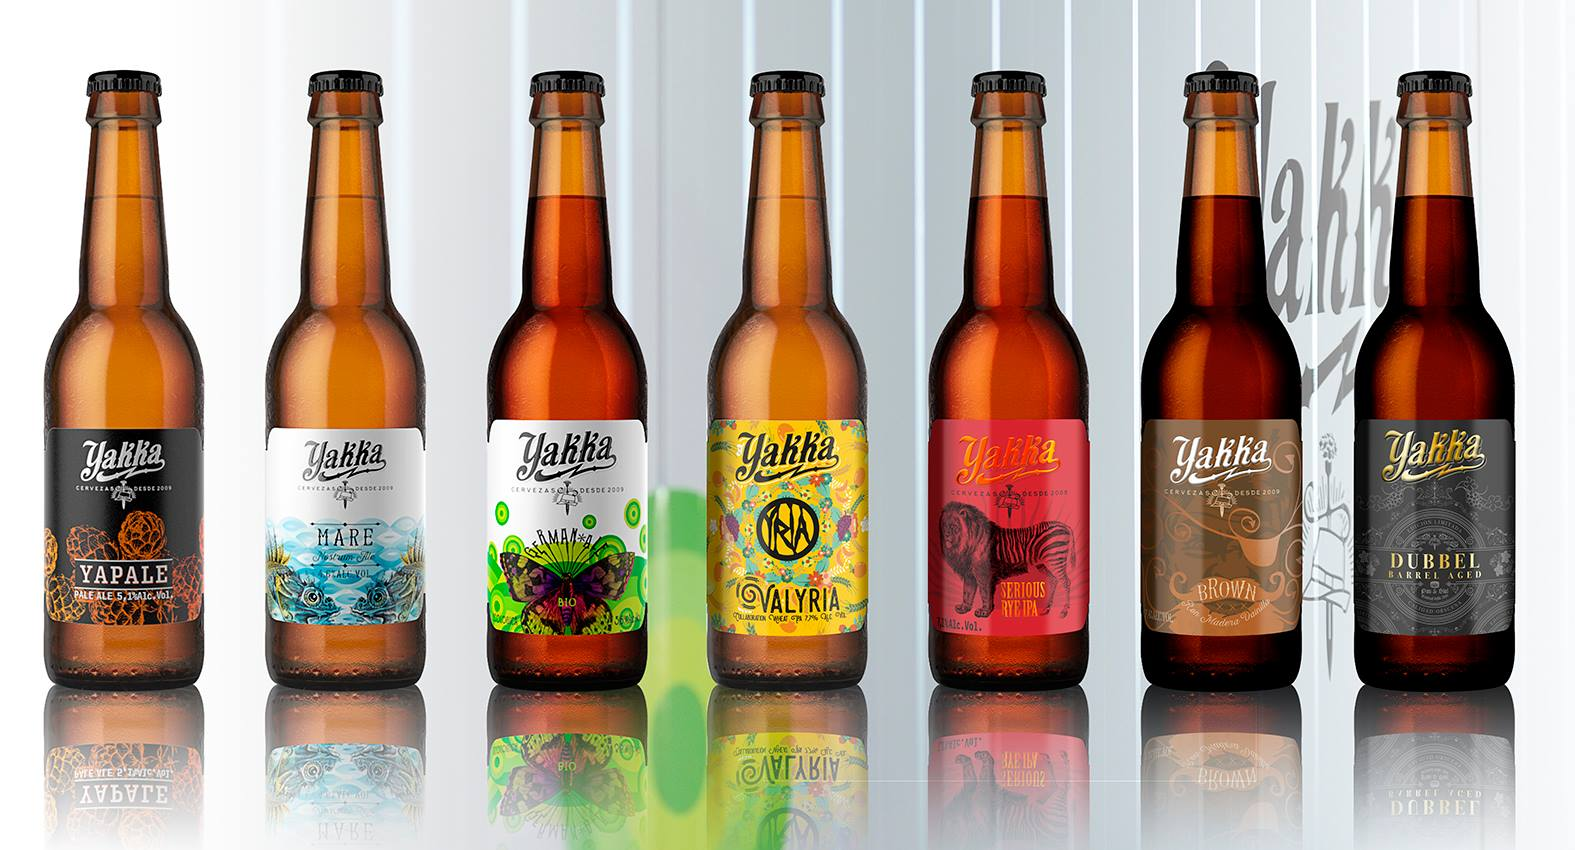 diferentes tipos de cervezas yakka